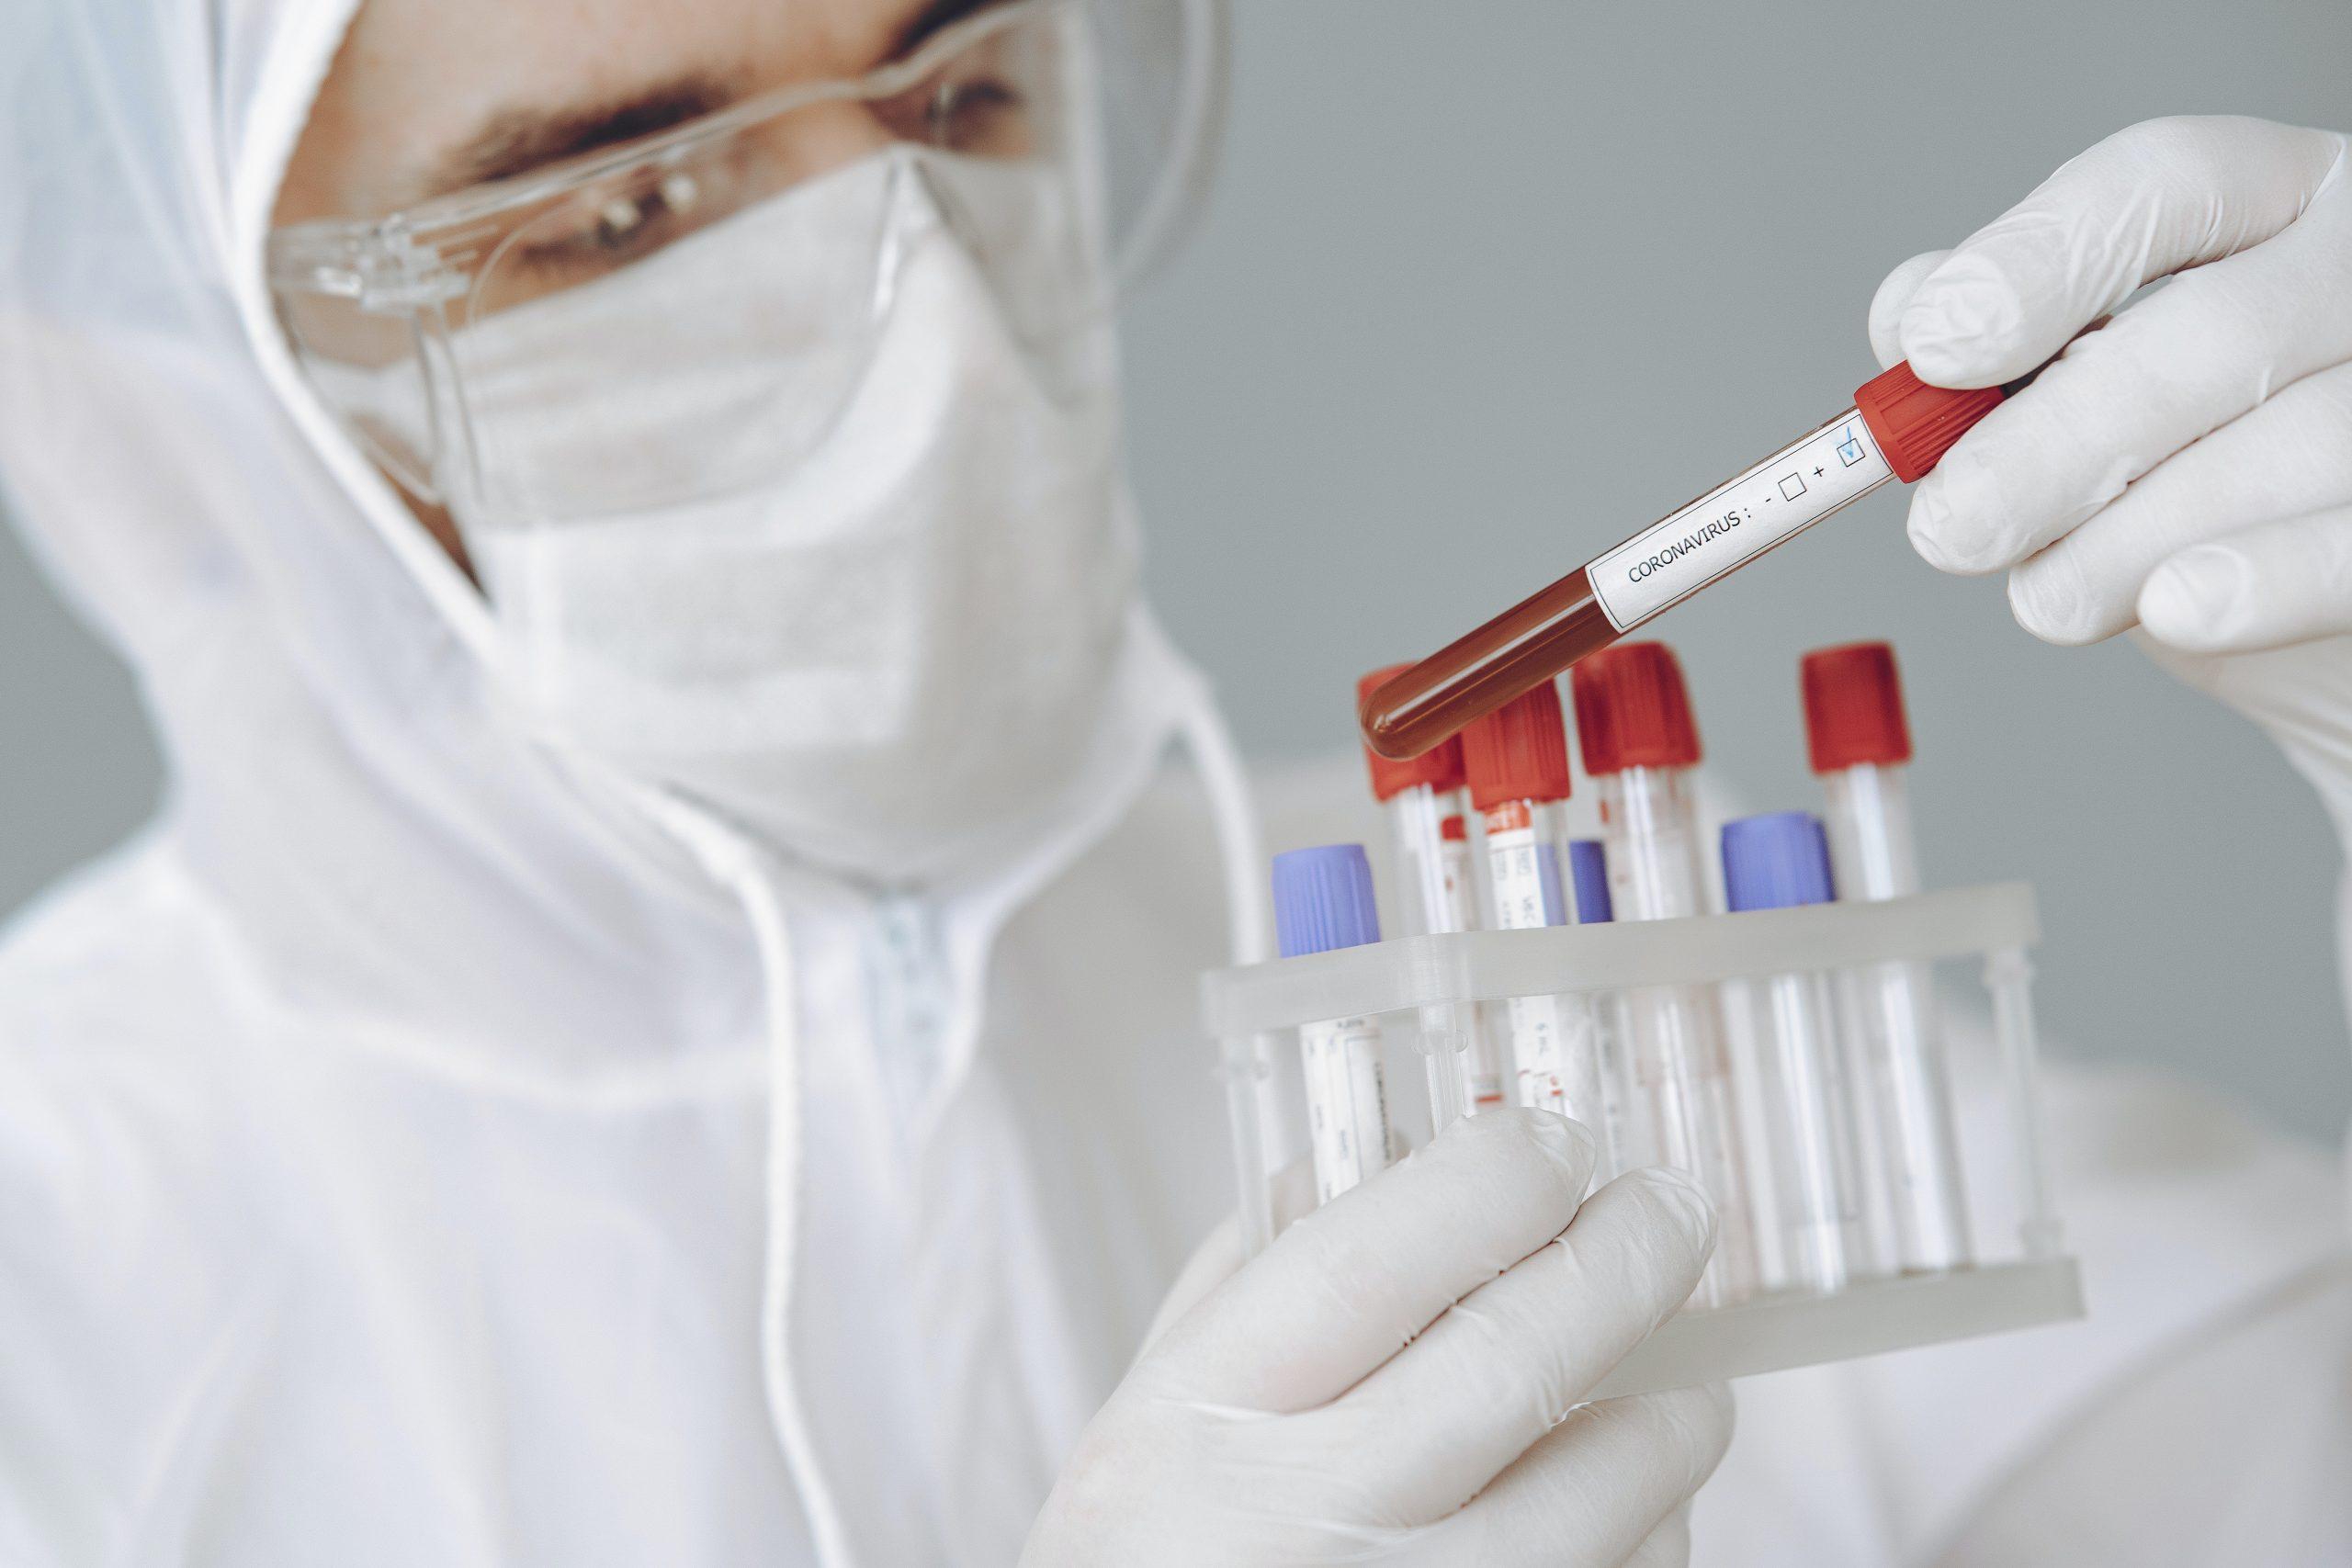 """RDIF y NITsEM N. F. Gamaleya anuncian la creación del  Consejo Asesor Científico Internacional sobre la vacuna """"Sputnik V""""  con la participación de destacados científicos de 9 países"""